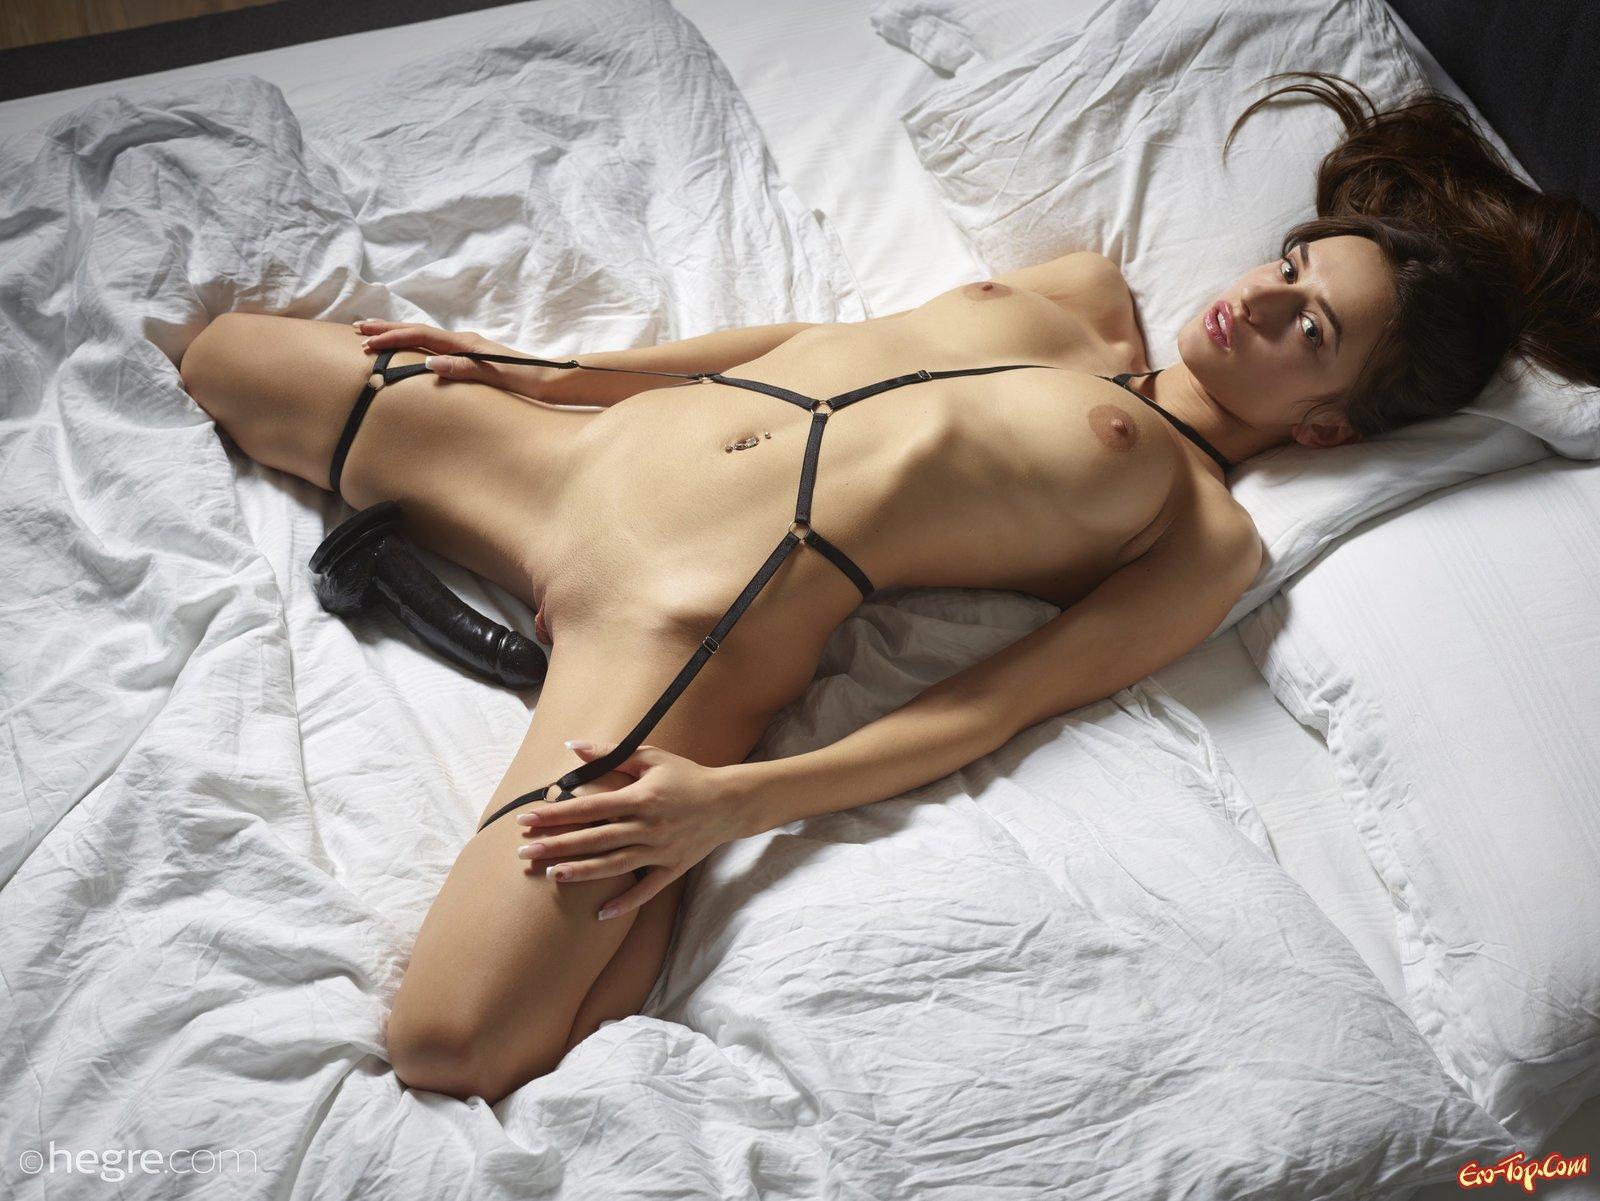 Нагая модель демонстрирует красивое соблазнительное тело